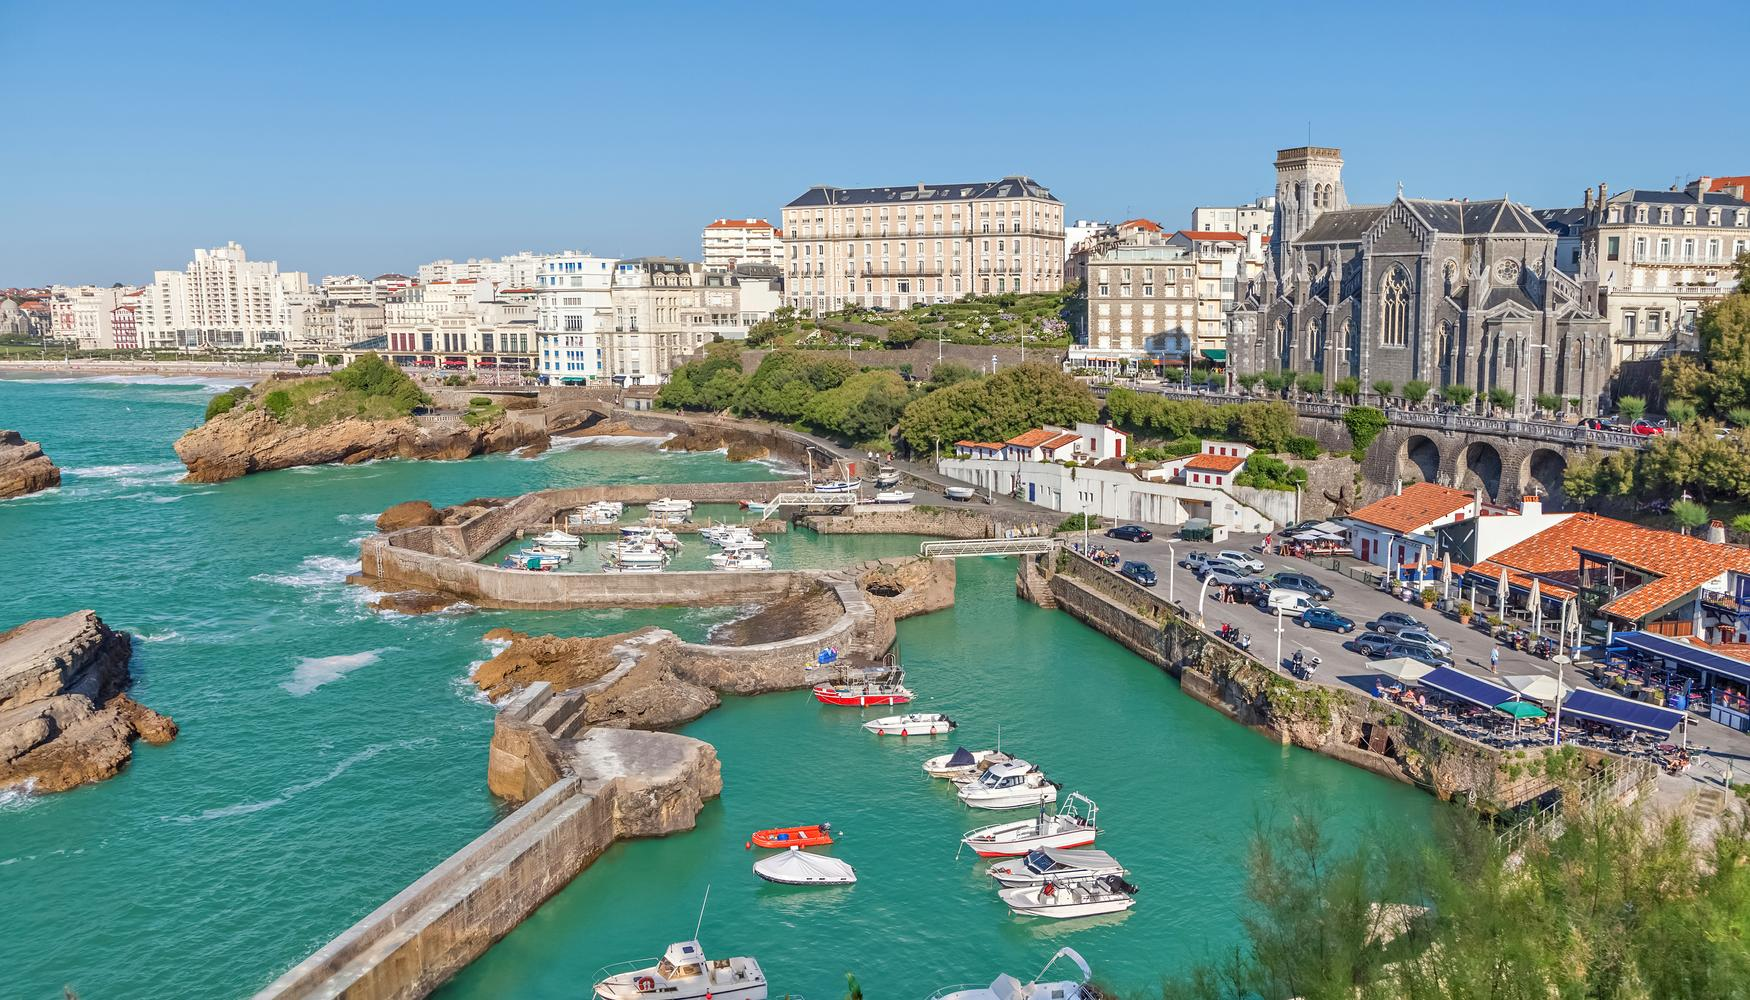 比亚里茨 Biarritz - Anglet - Bayonne机场的租车